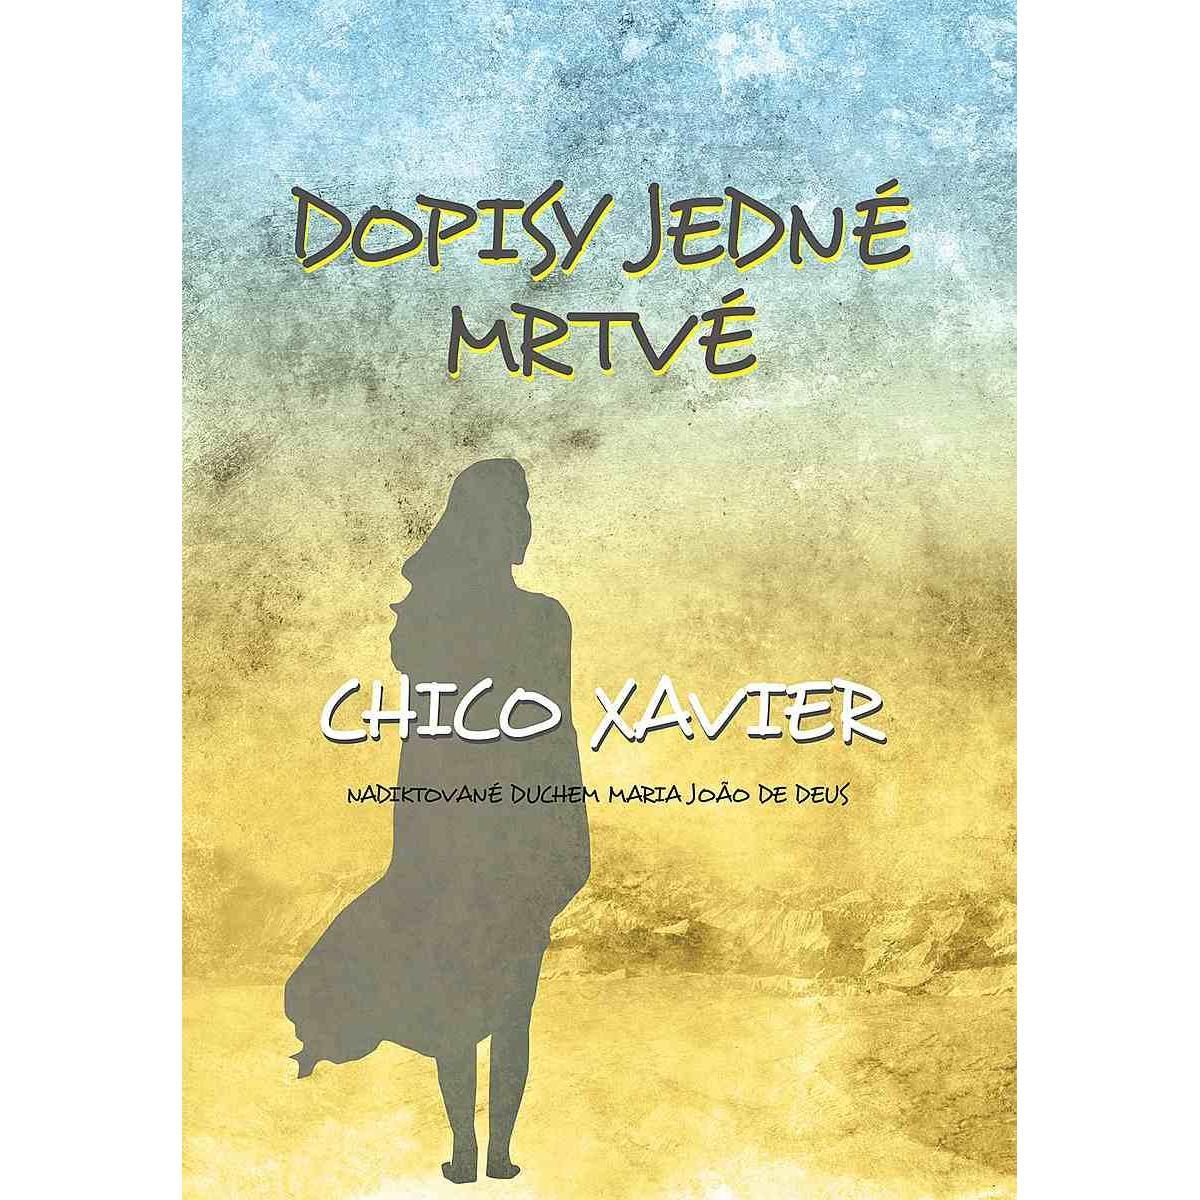 Dopisy jedné mrtvé - Chico Xavier